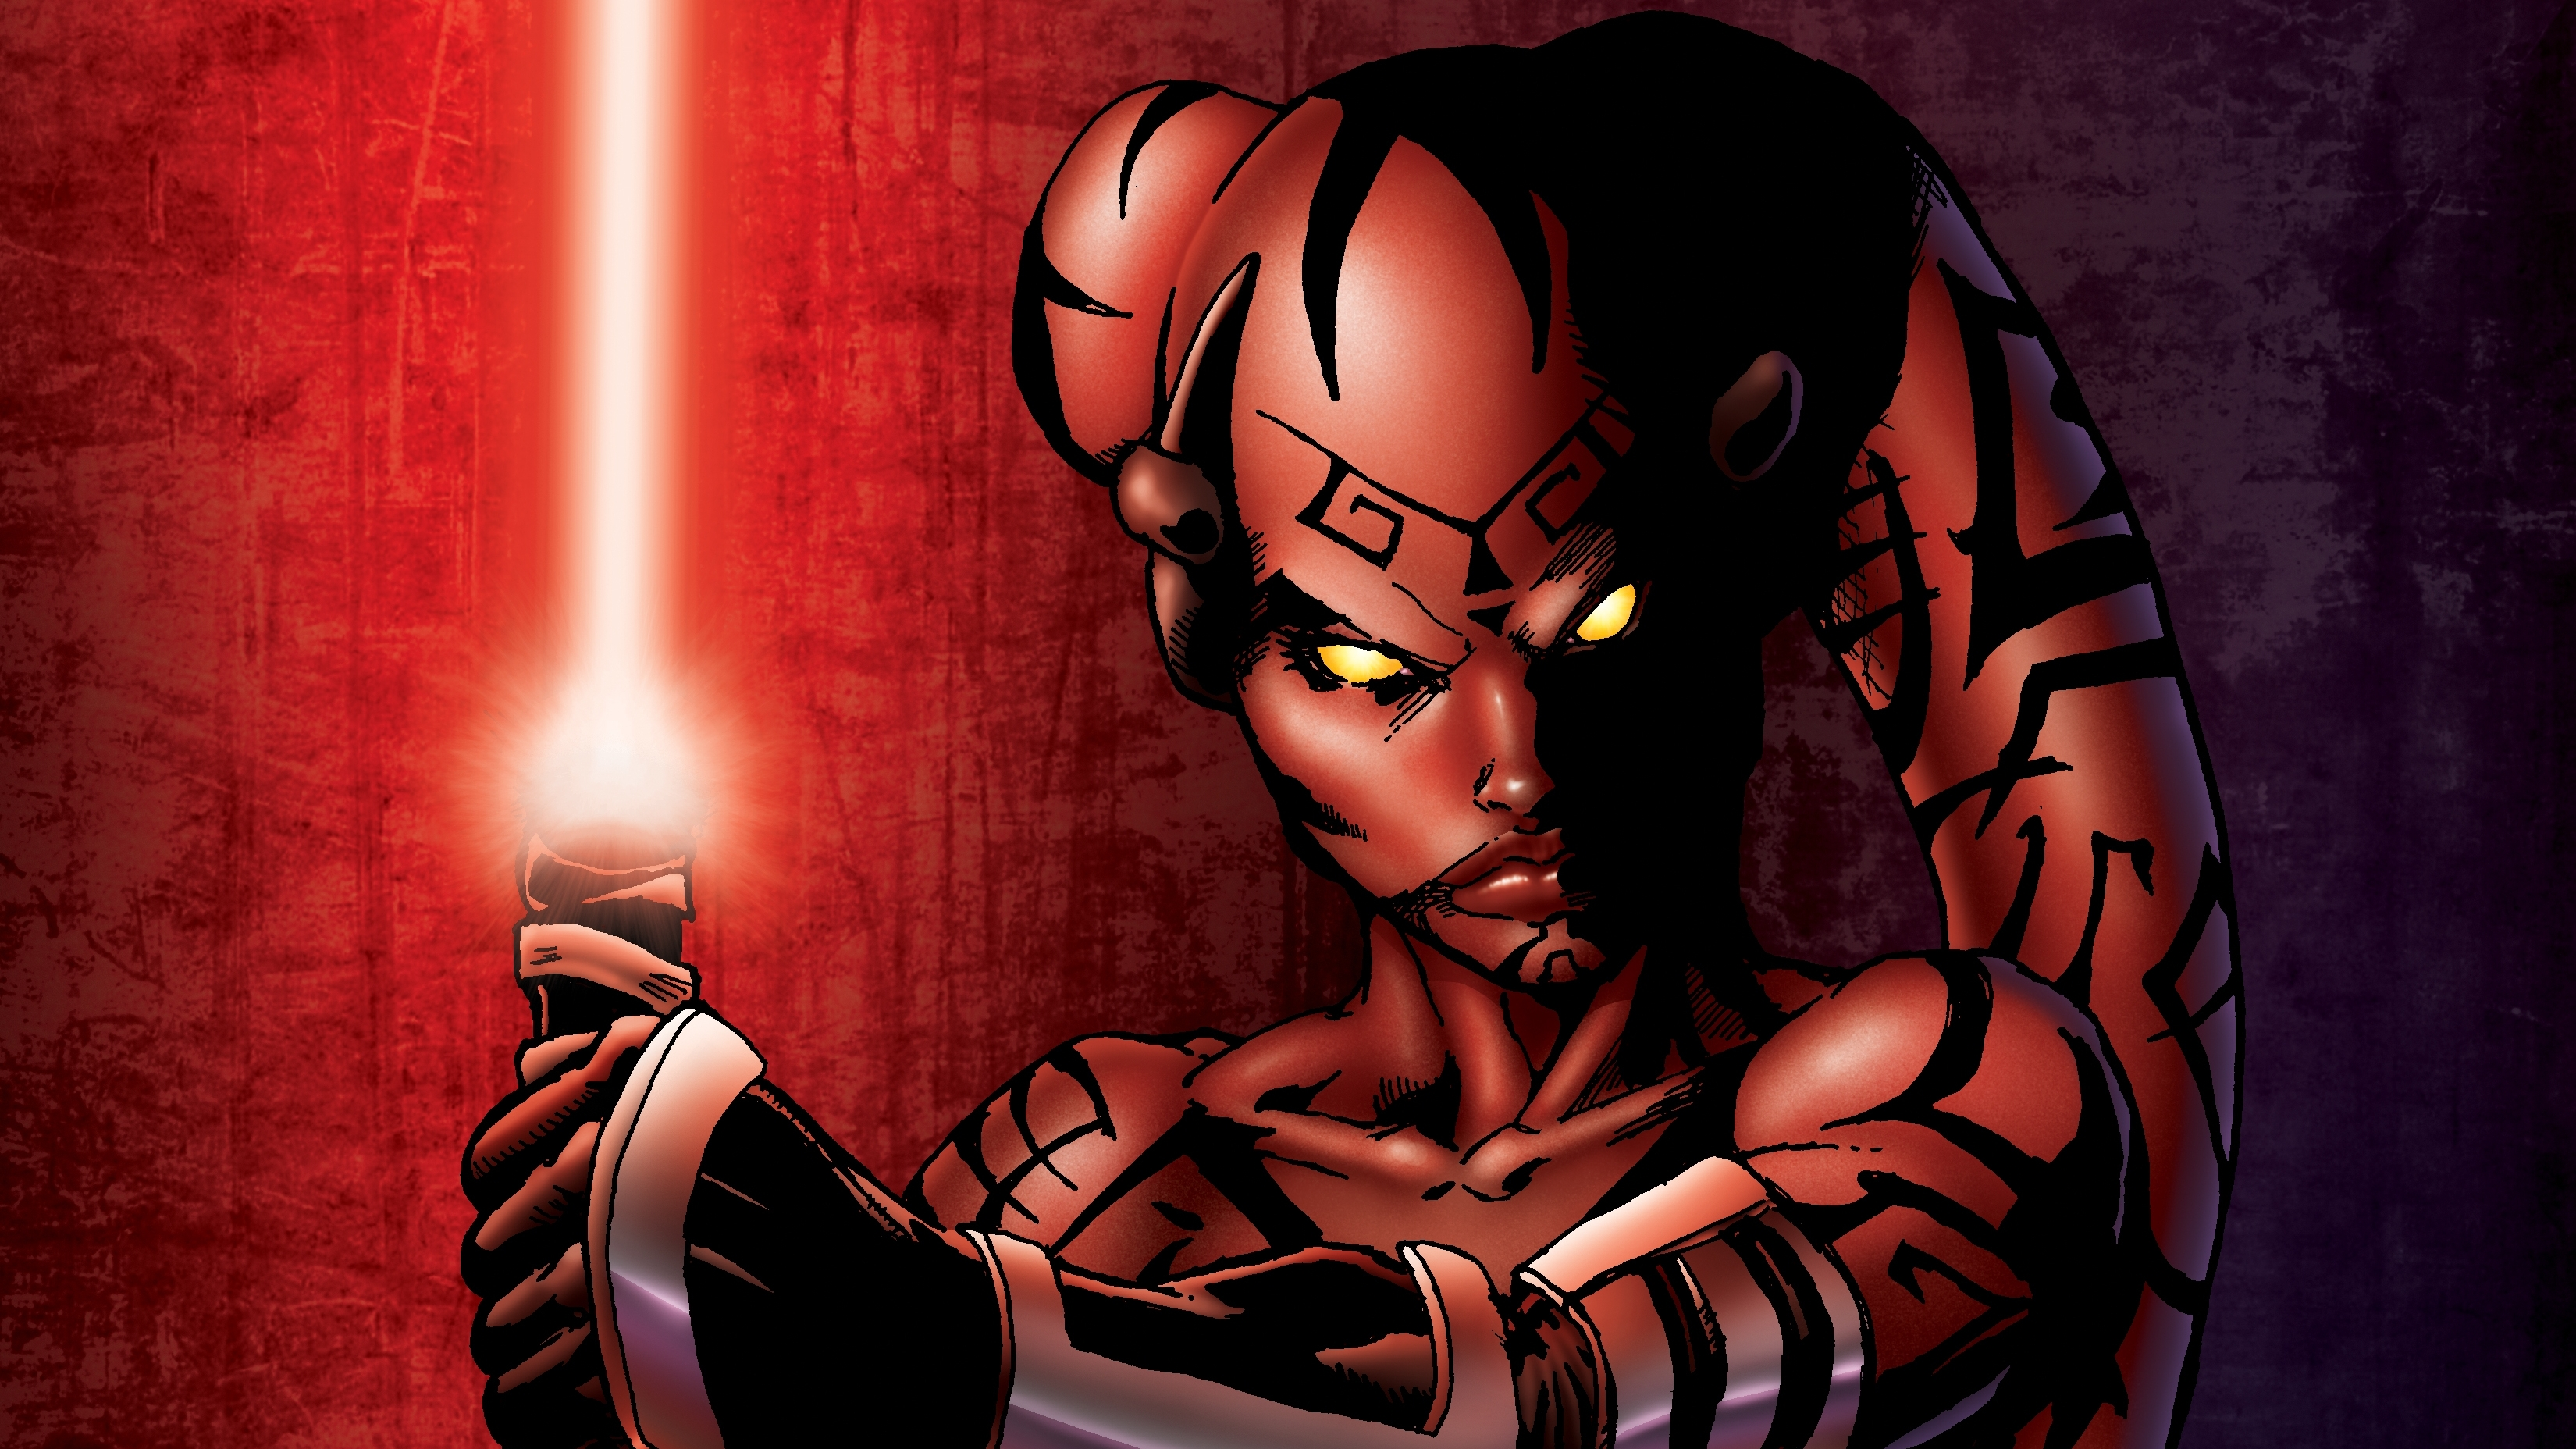 Star Wars : à quoi aurait ressemblé la nouvelle trilogie avec George Lucas aux commandes ?